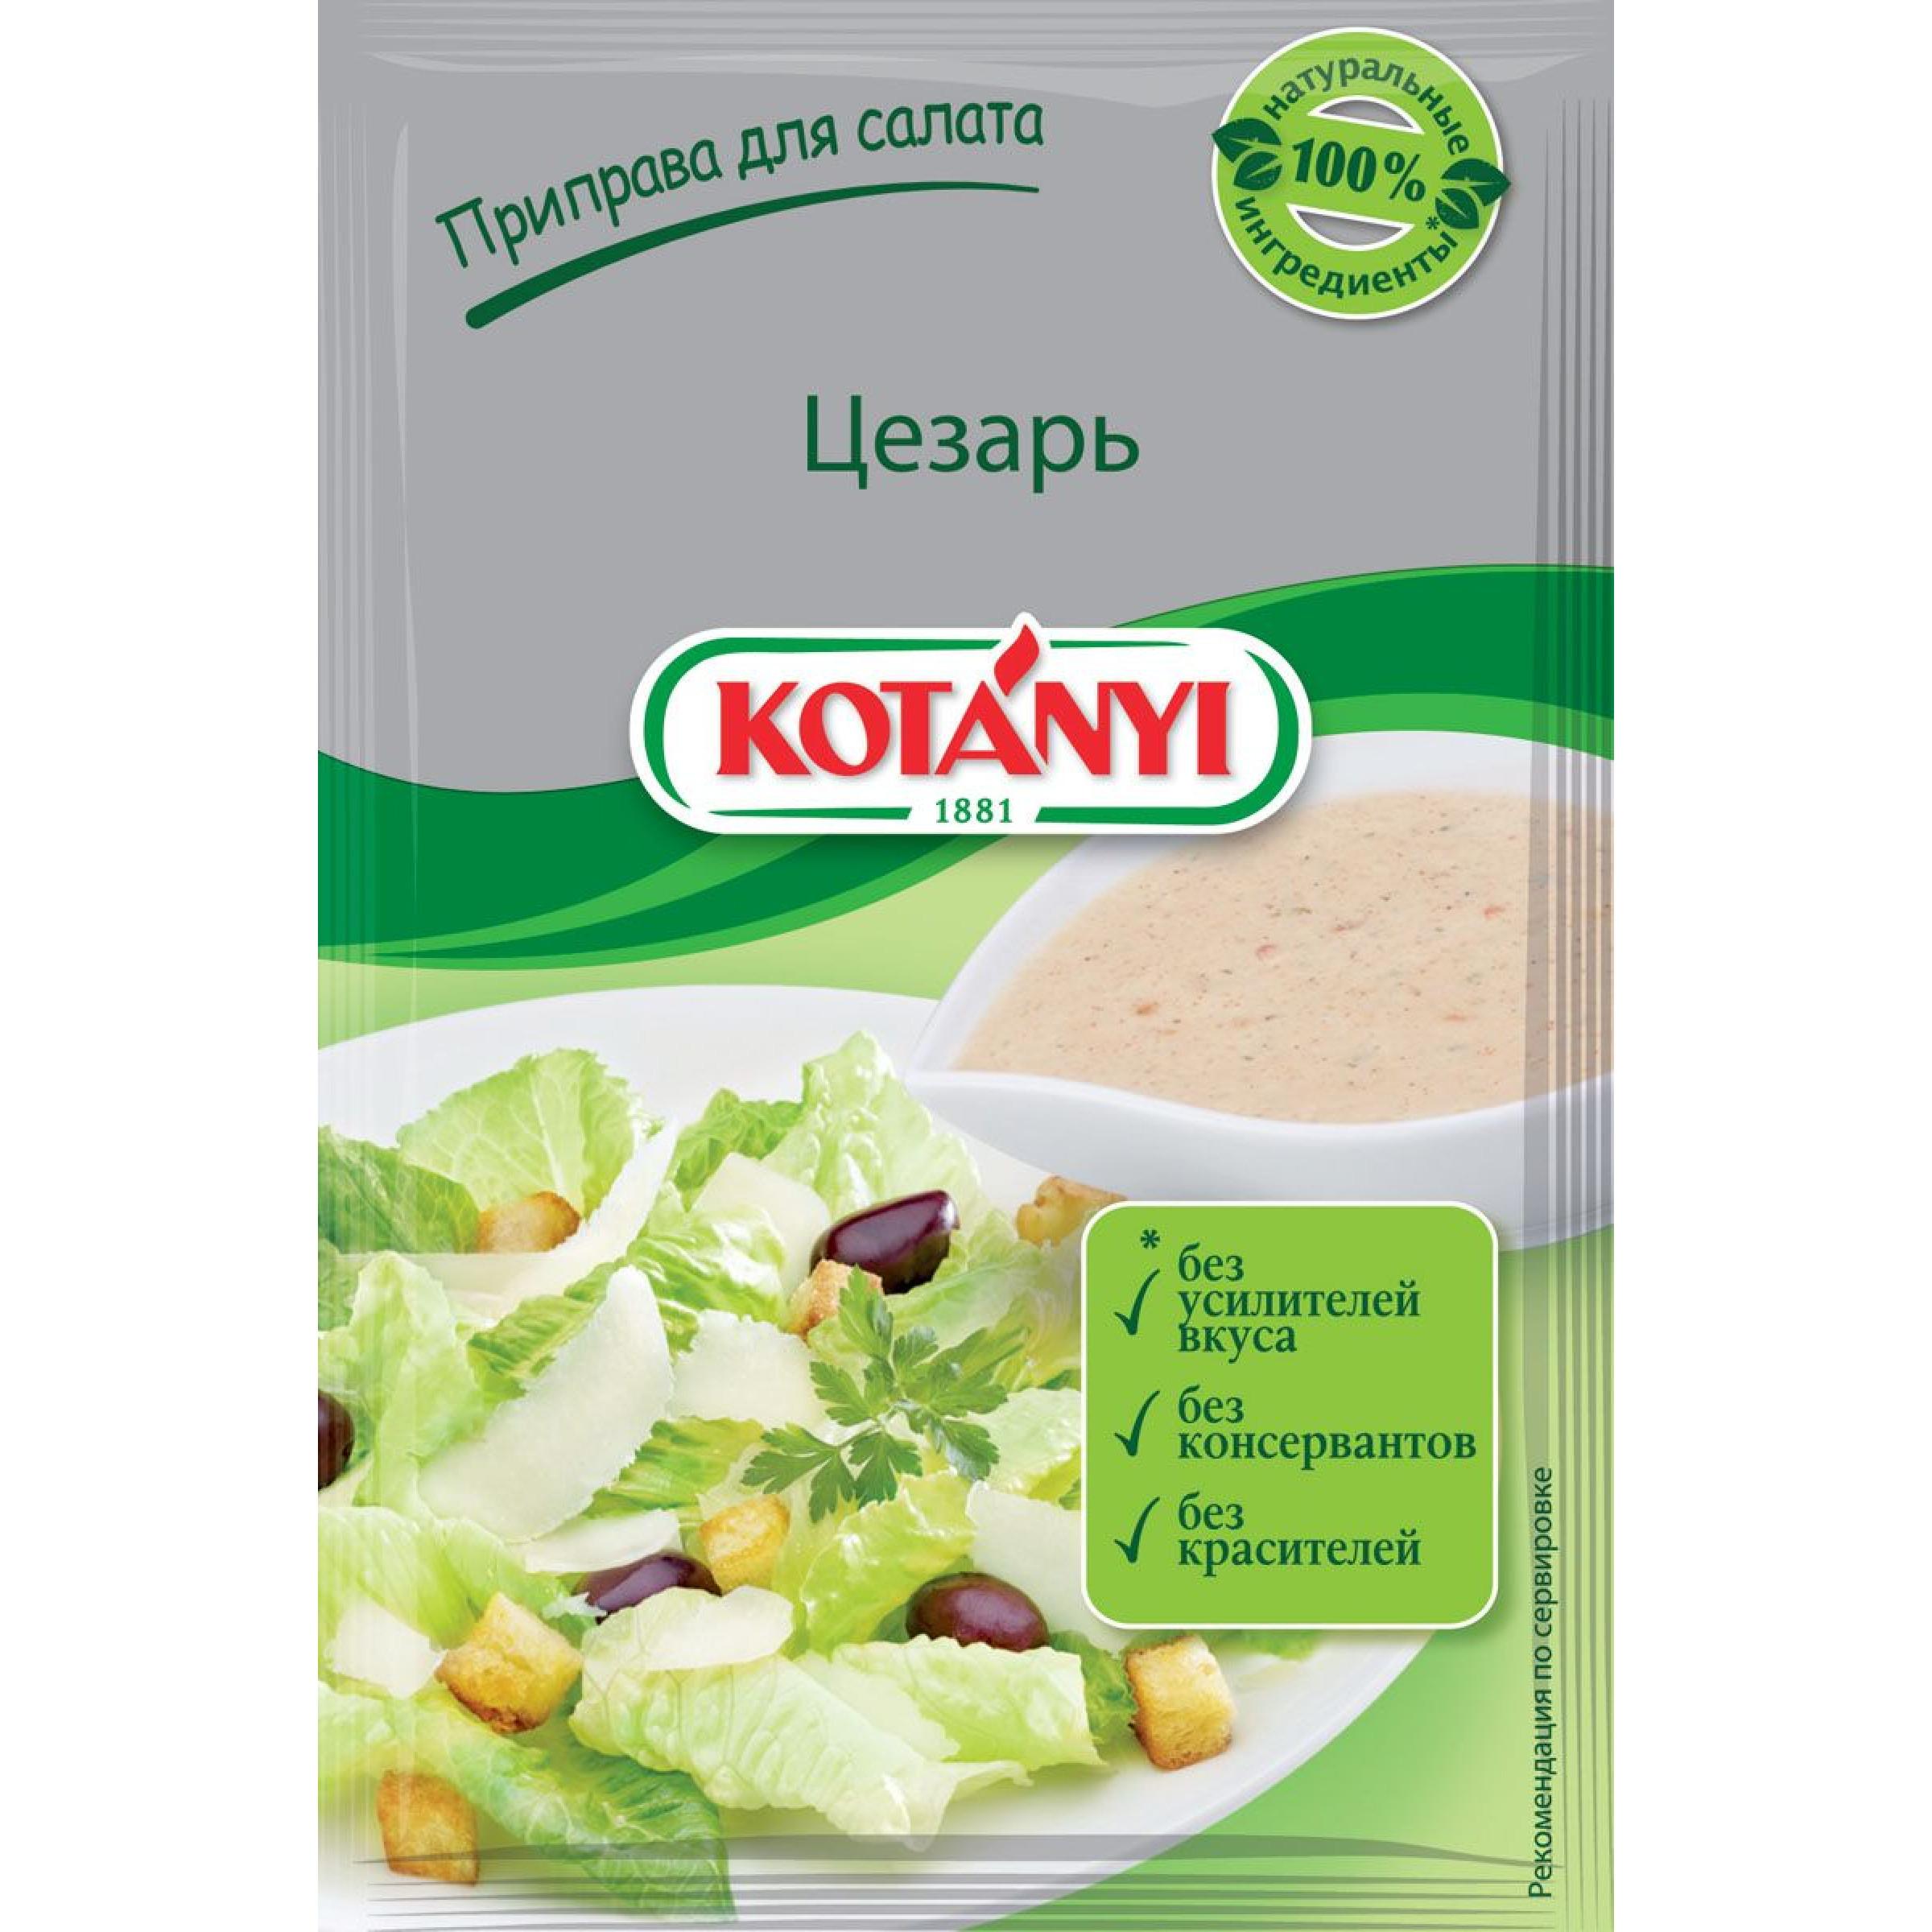 """Приправа для салата Цезарь """"KOTANYI"""", 30гр"""